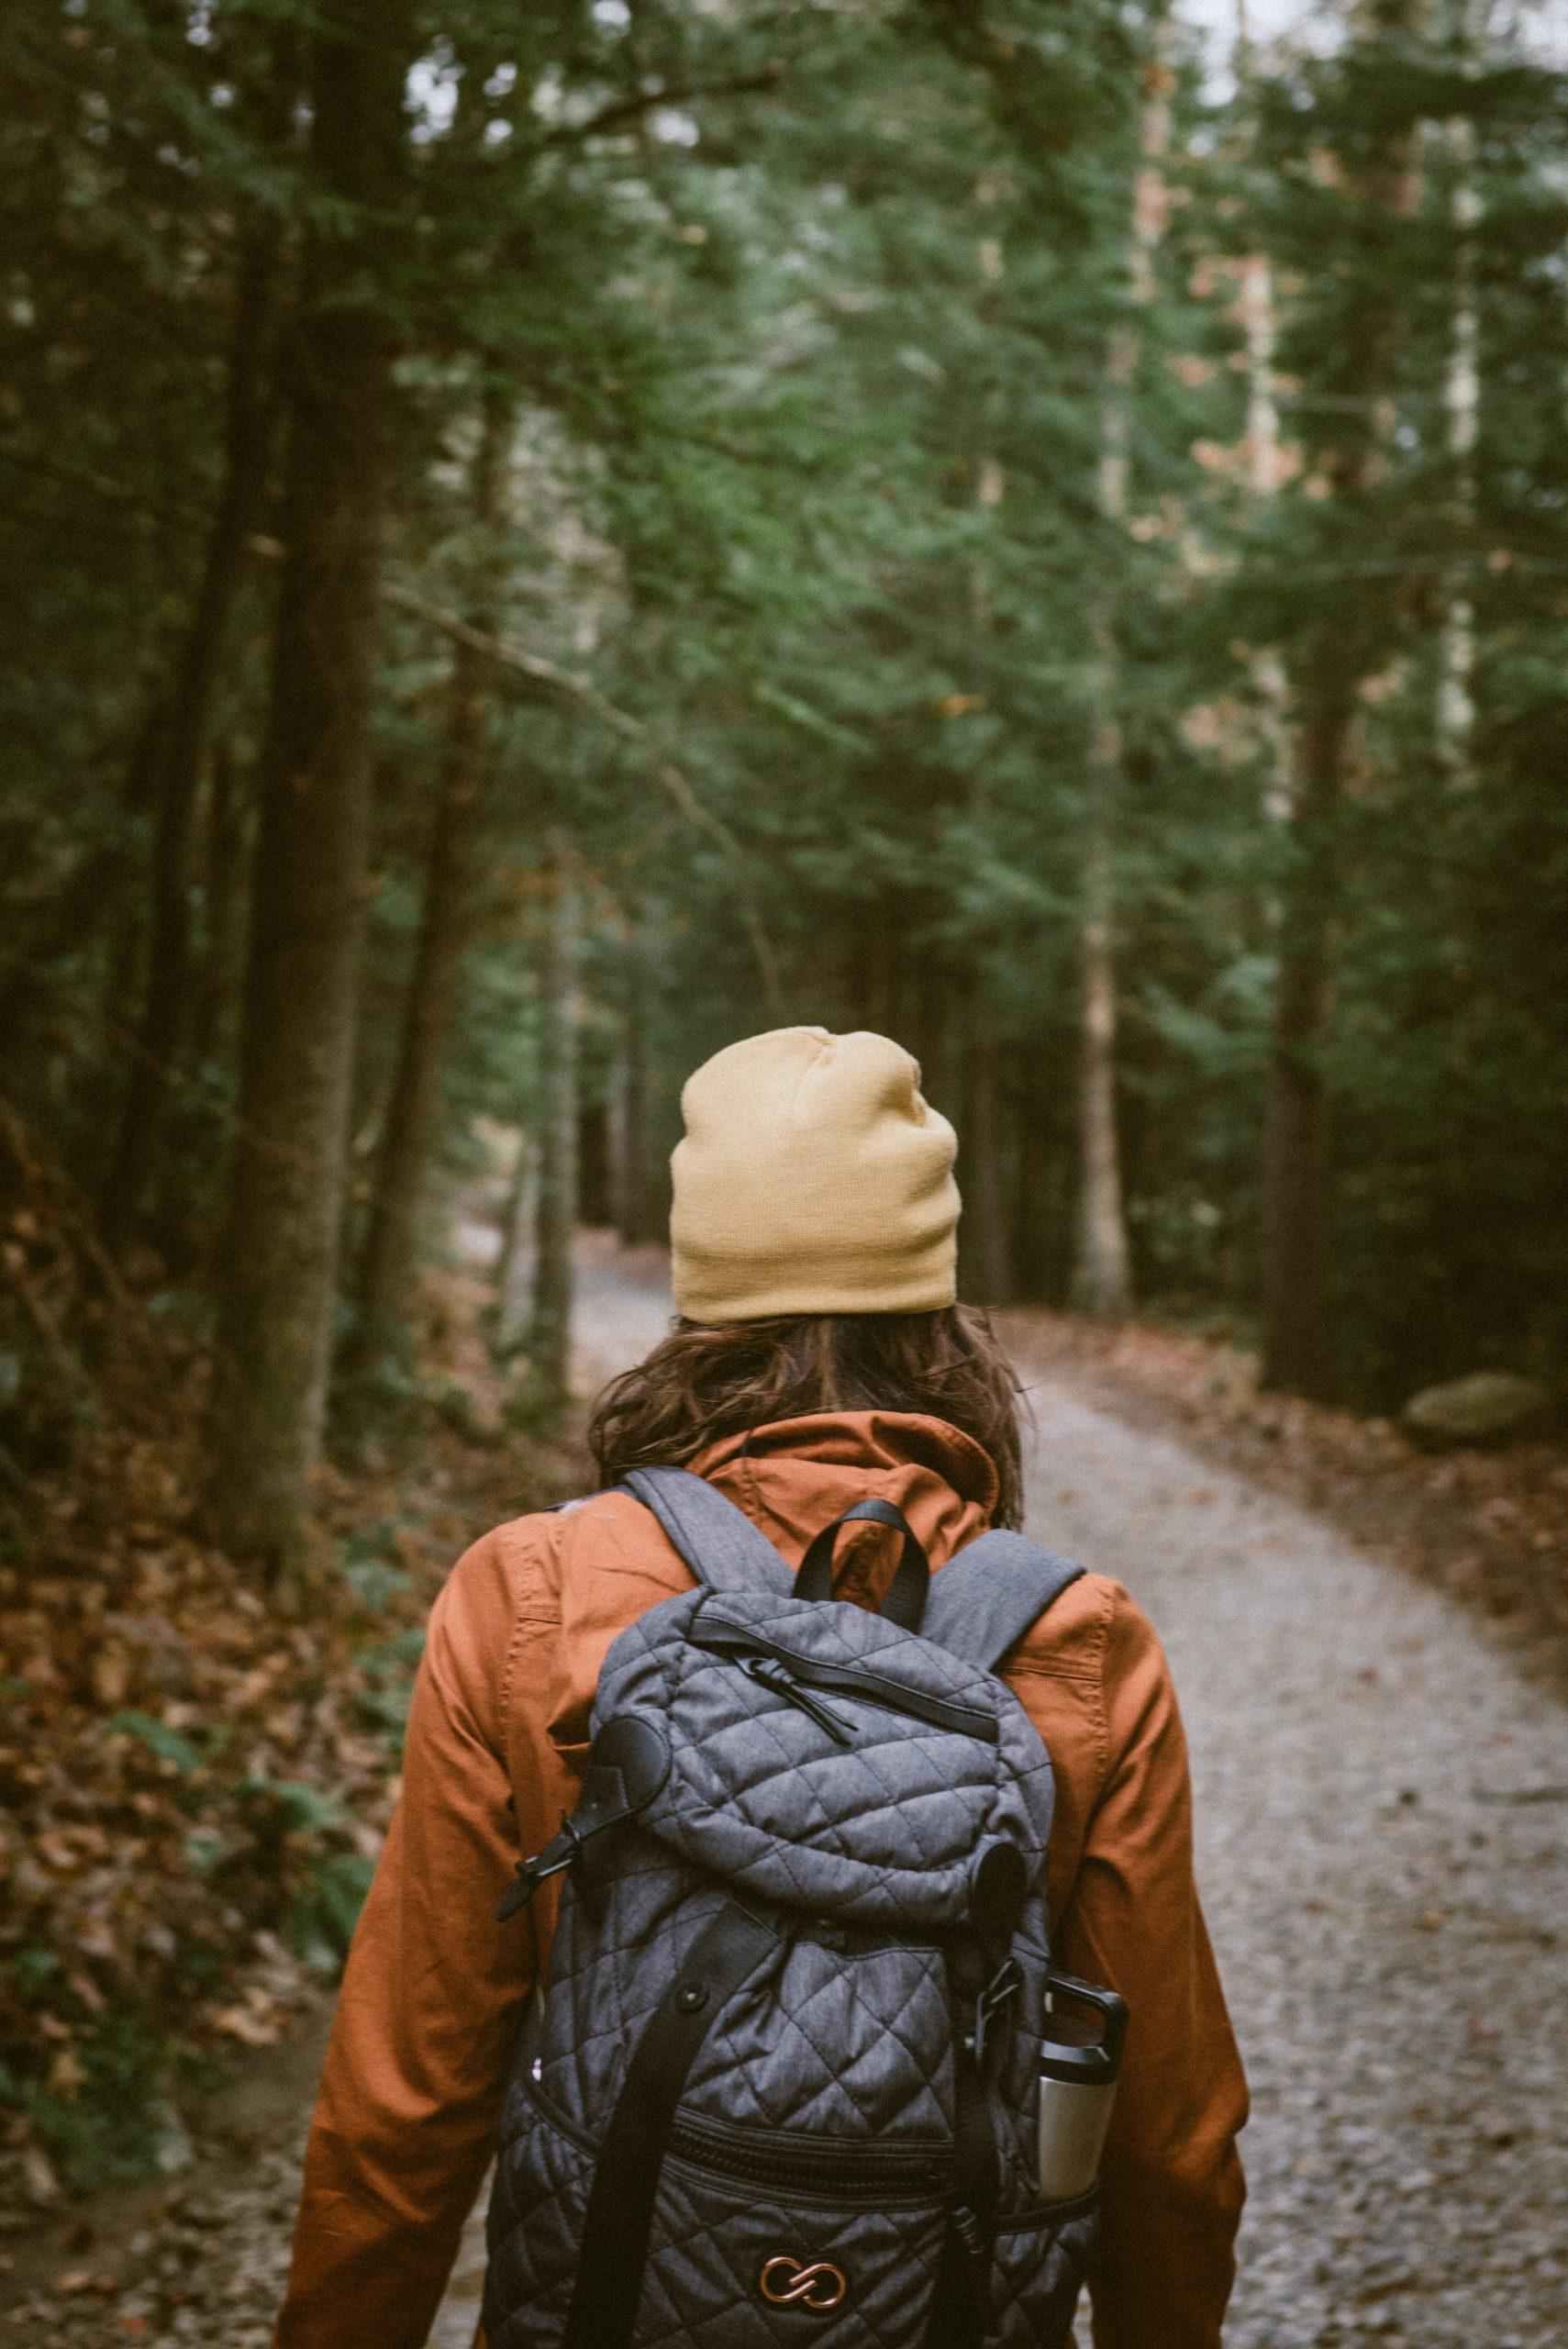 Find det bedste fodtøj til din vandretur?